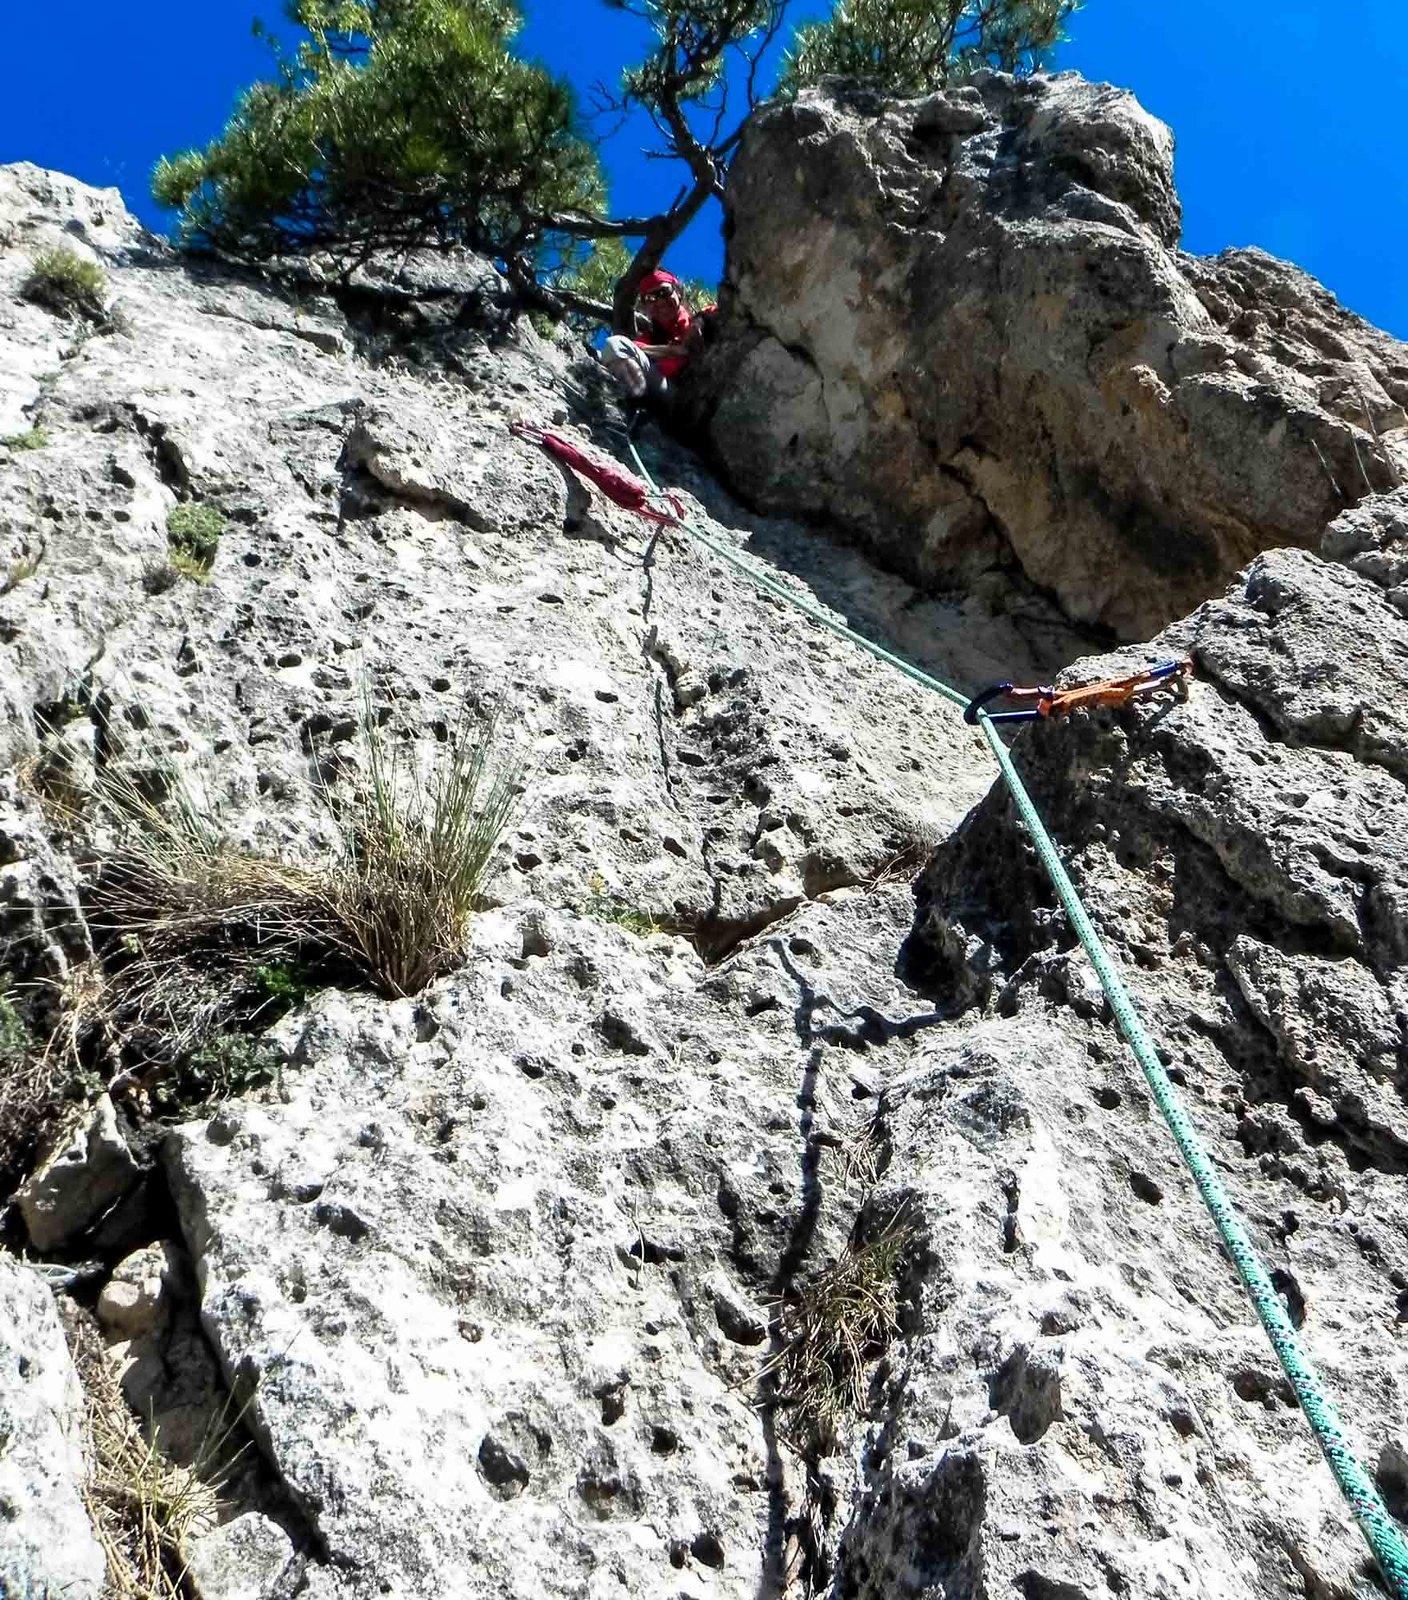 Una escalada de IV que se puede asegurar en un pino